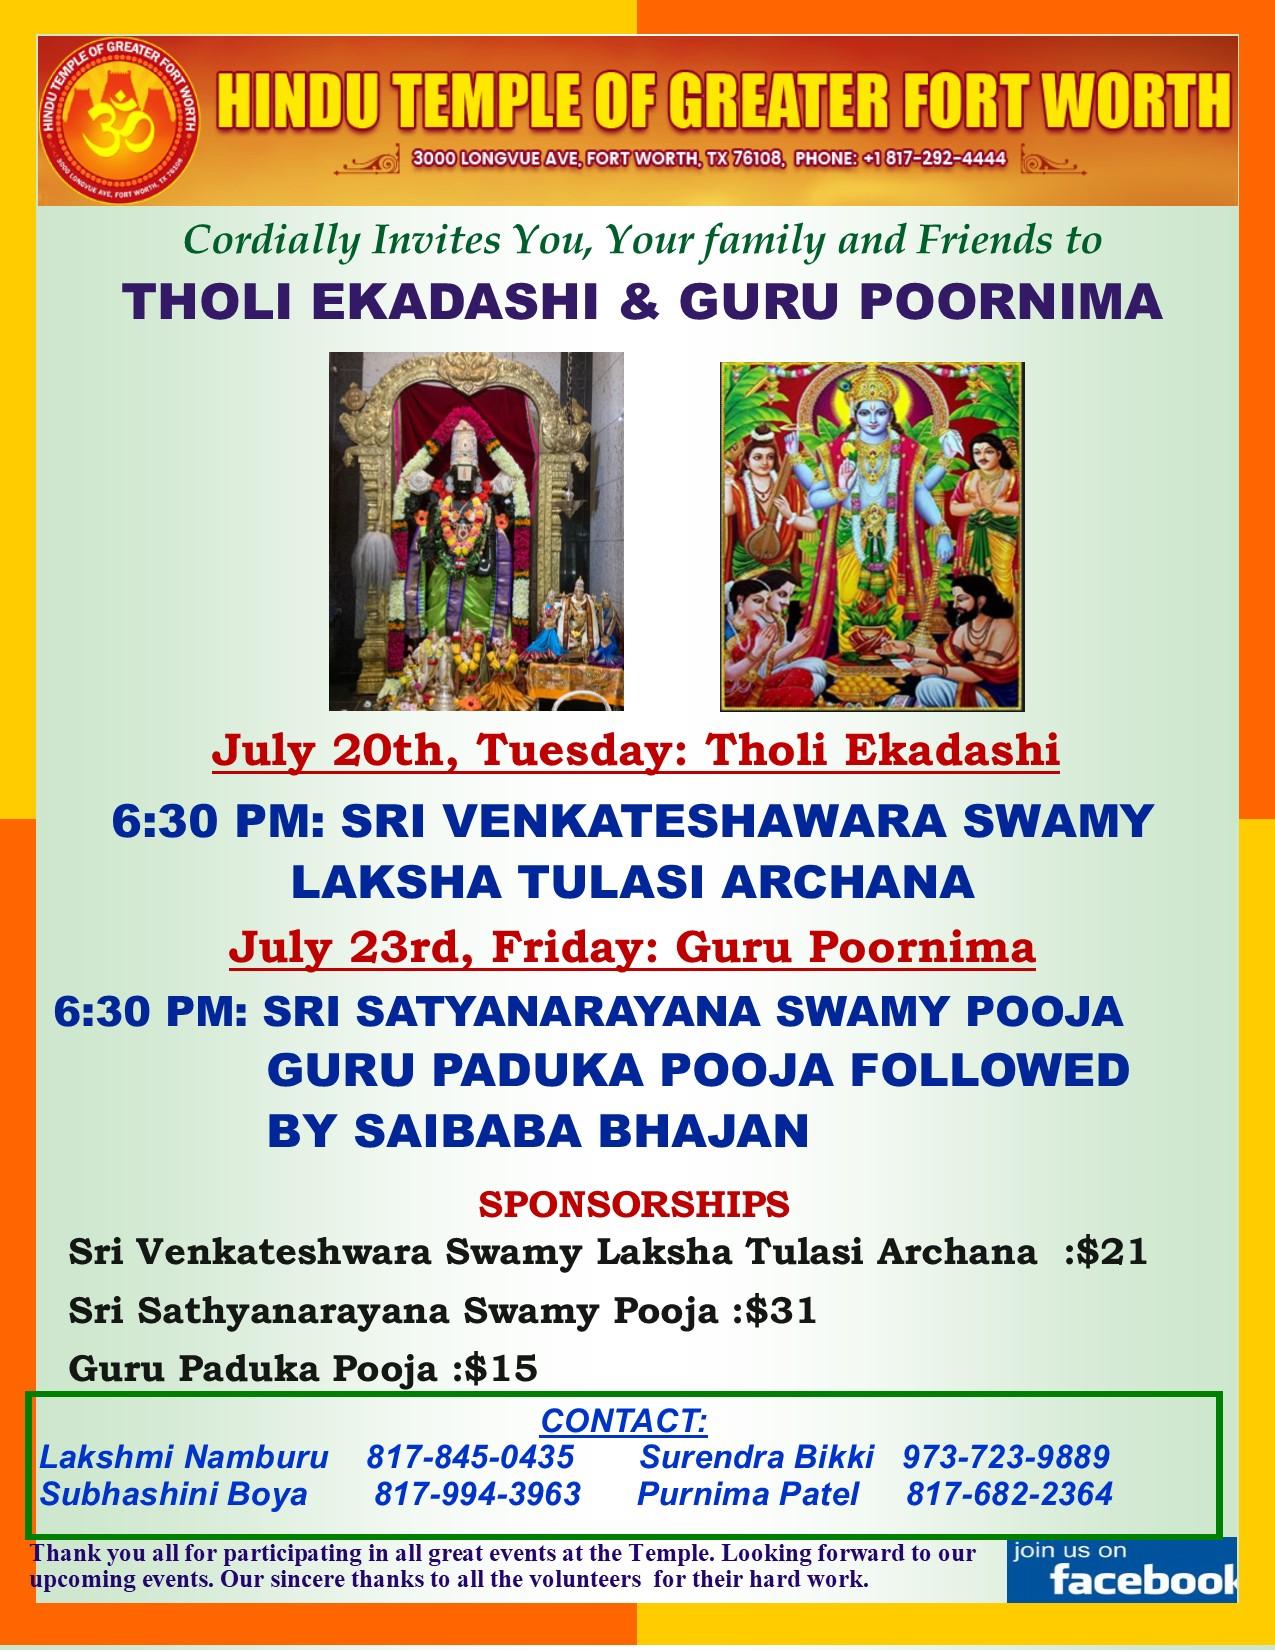 Tholi Ekadasi and Guru Poornima